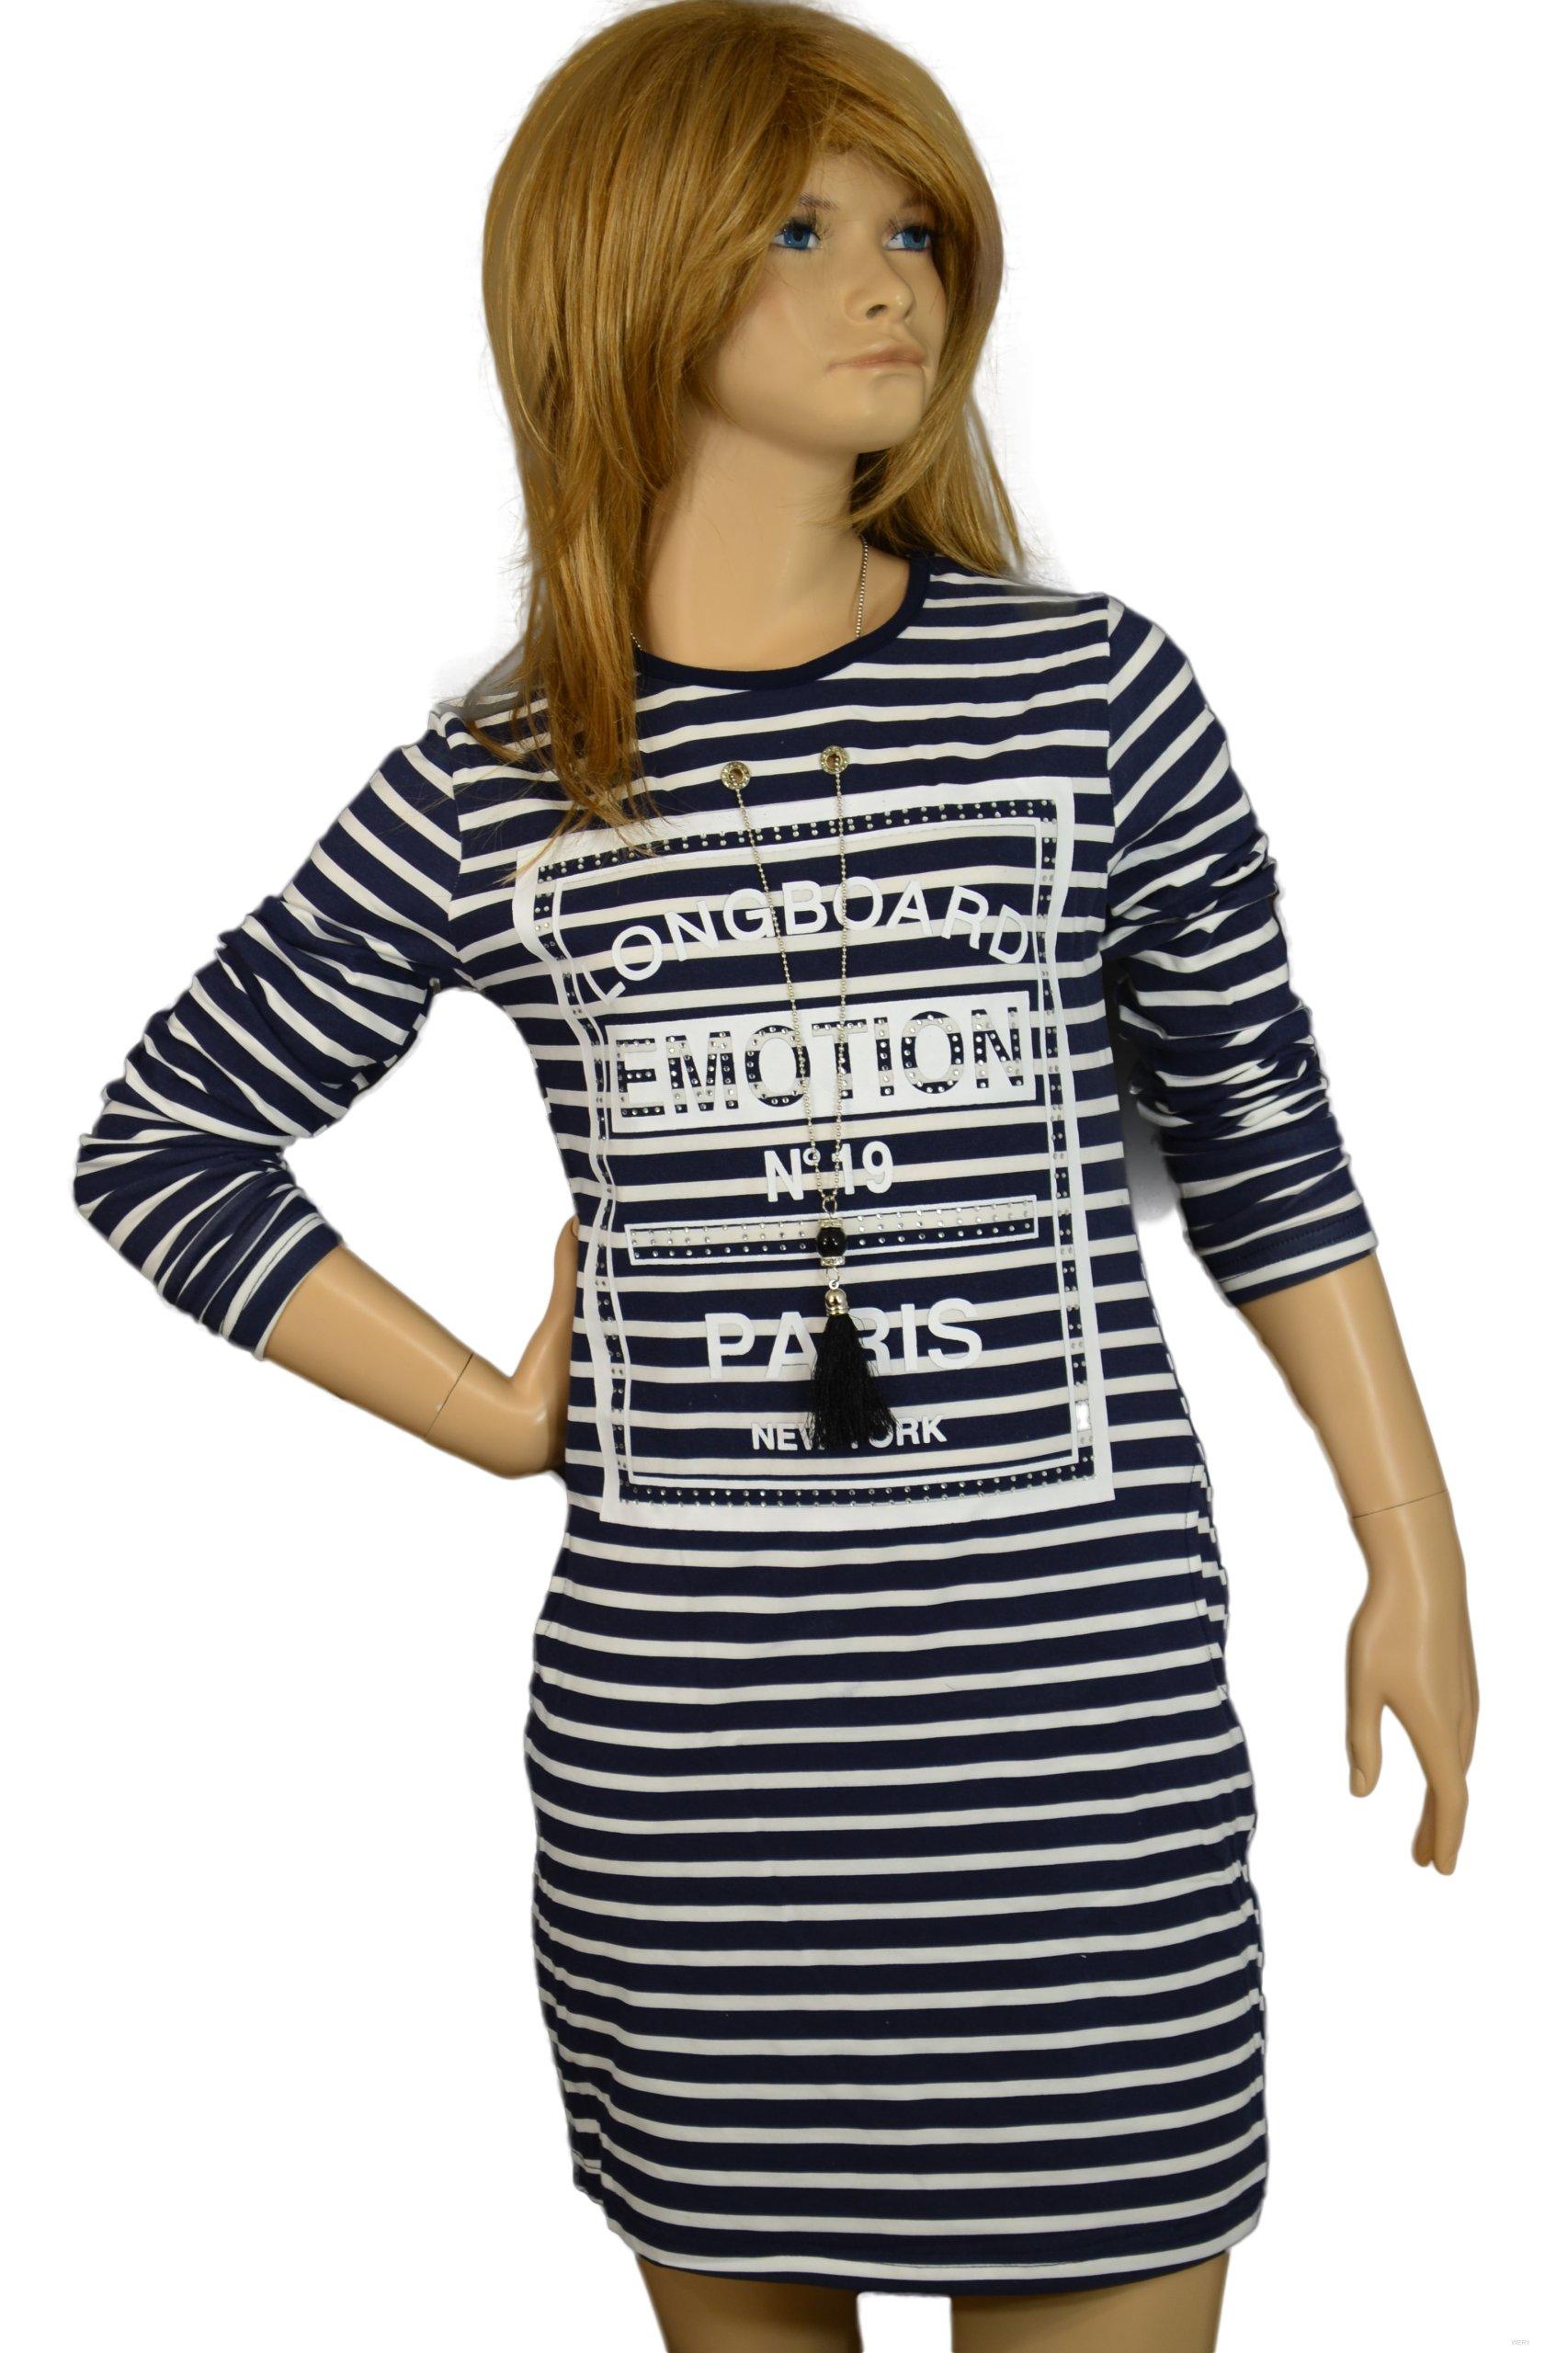 53e035f96a Sukienka   Tunika z wisiorkiem rozmiar 140 146 - 6513574290 ...